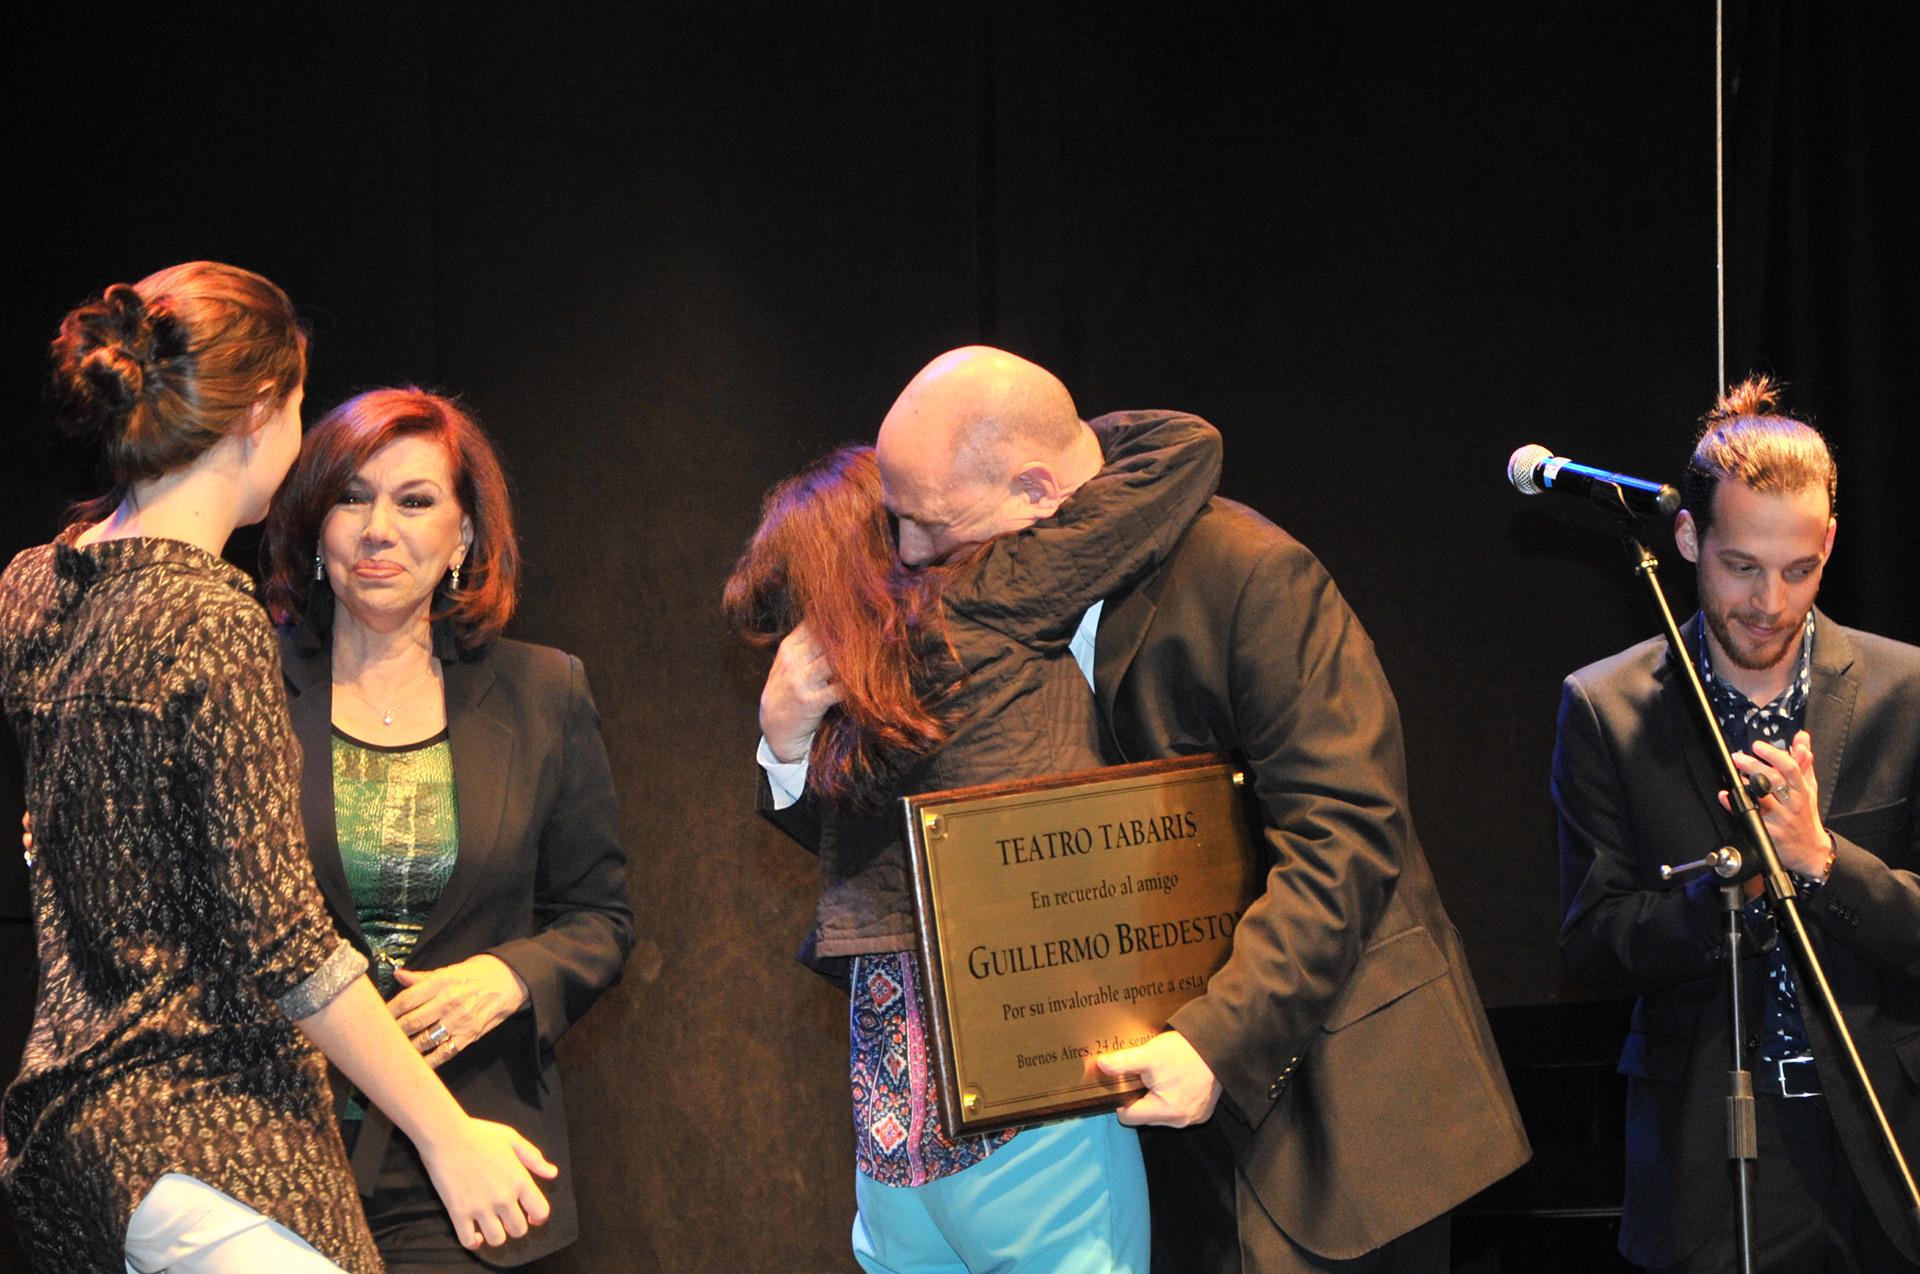 La entrega de la plaqueta recordatoria a la familia de Guillermo Bredeston, uno de los momentos de mayor emoción (Crédito de Fotos: Teleshow)